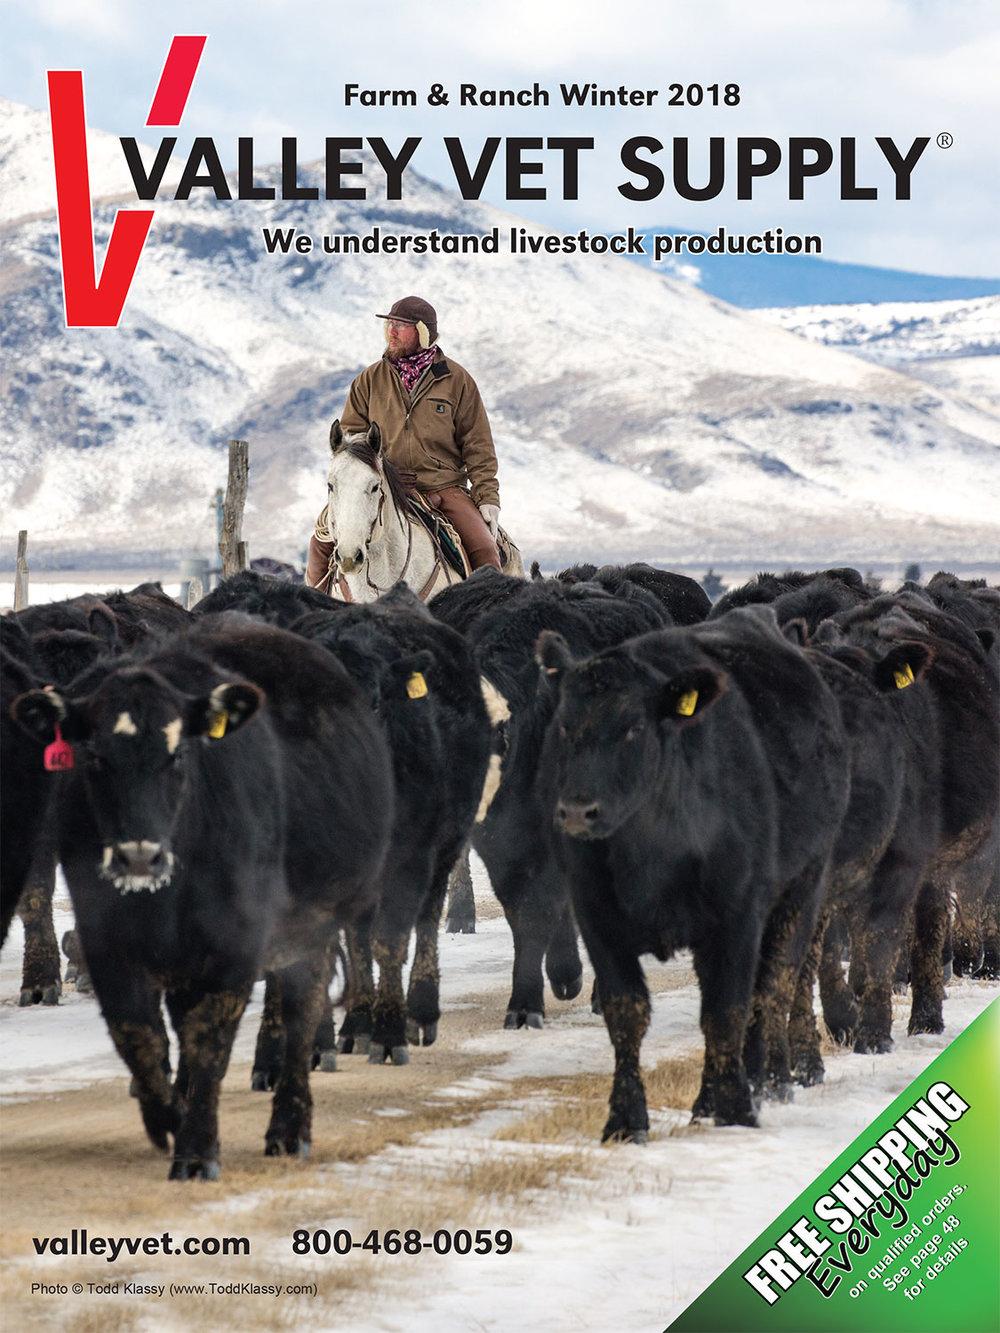 Valley Vet Supply